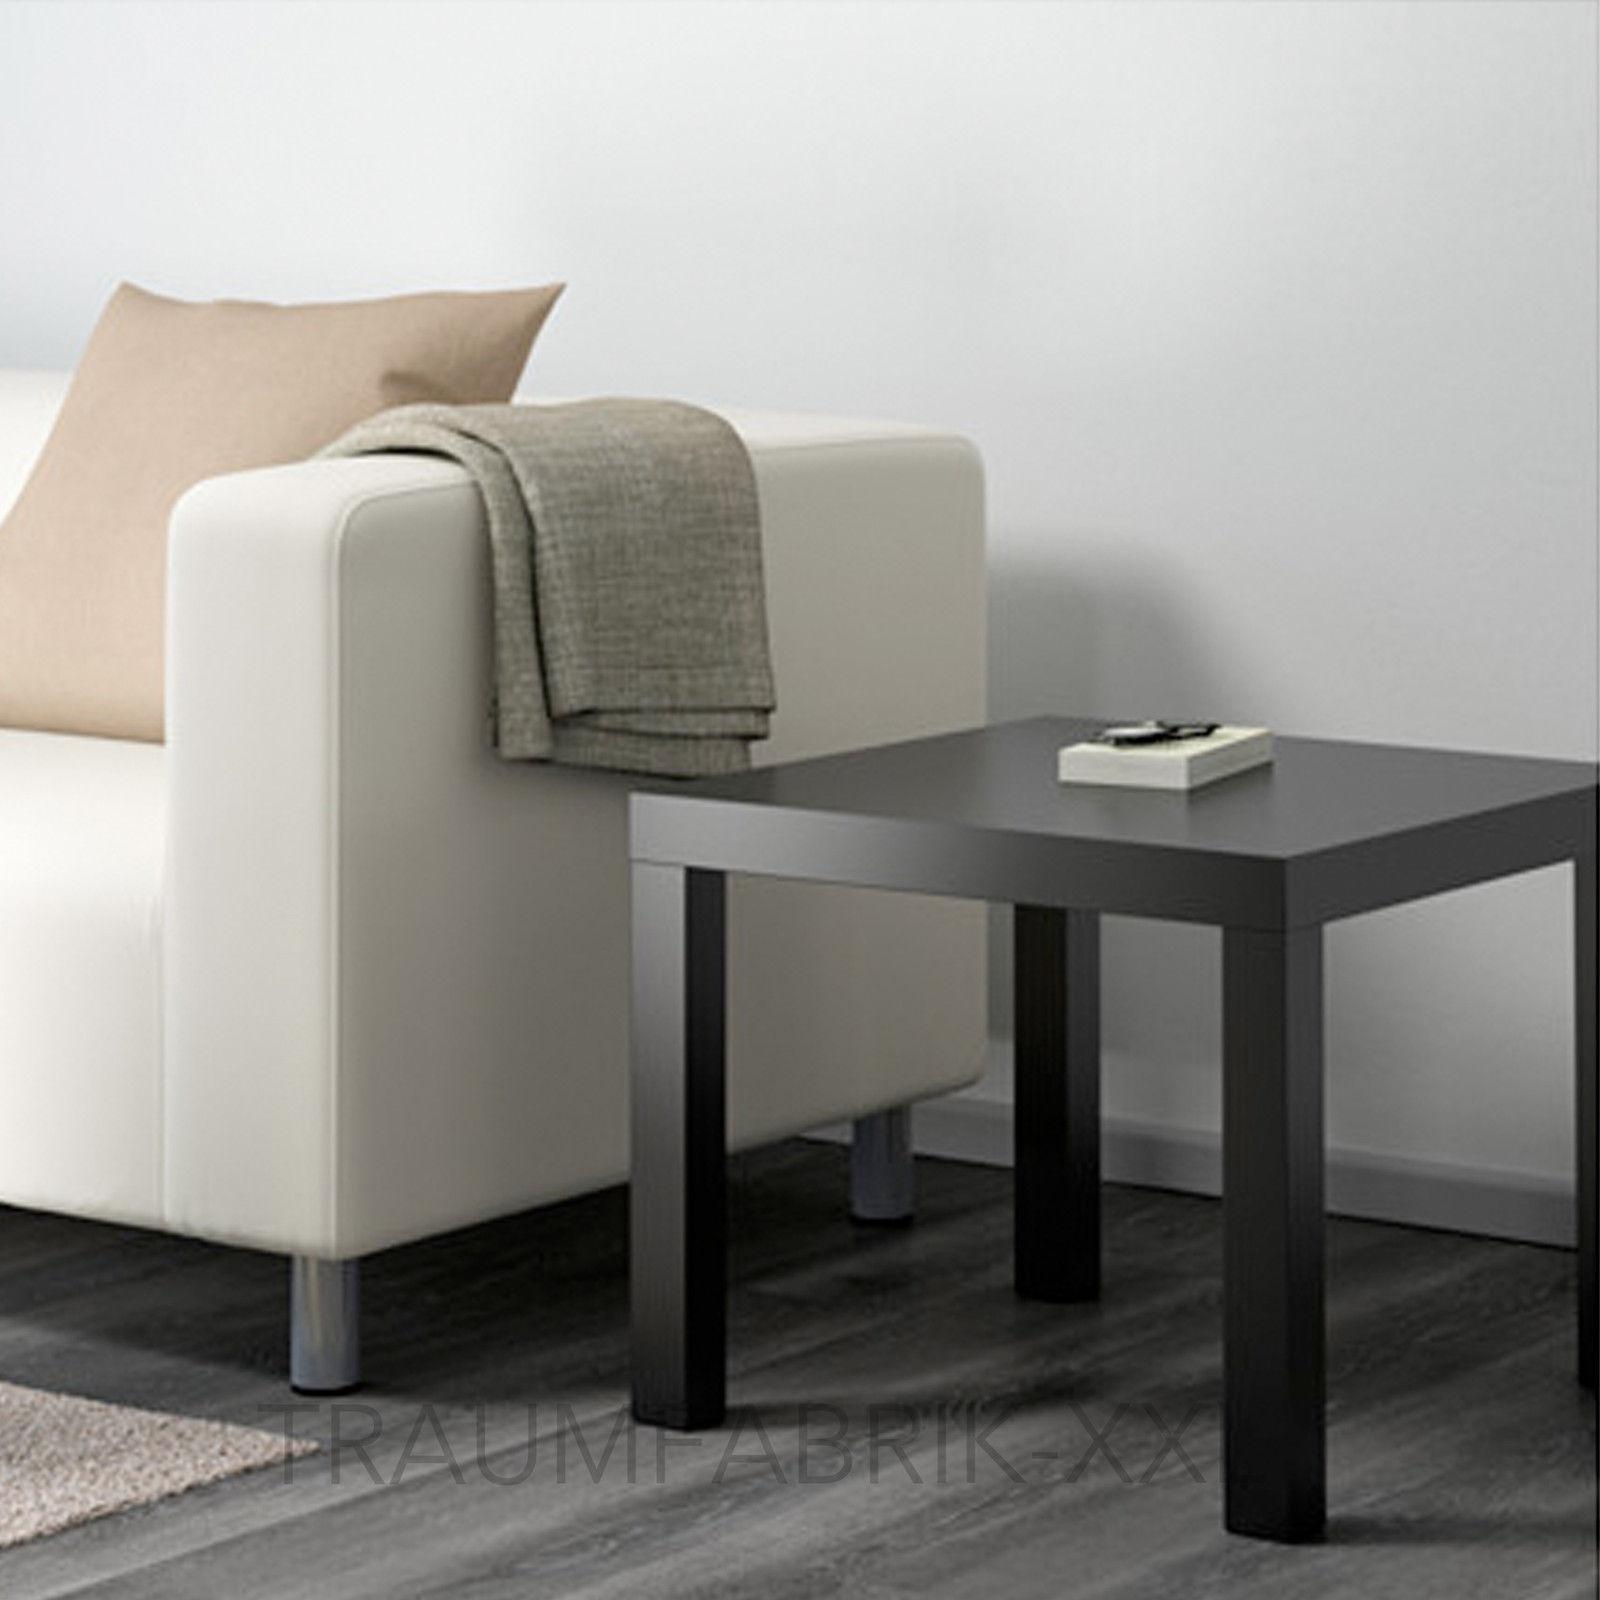 Wohnzimmer Möbel DekoGlas IKEA Lack Beistelltisch Couchtisch ...